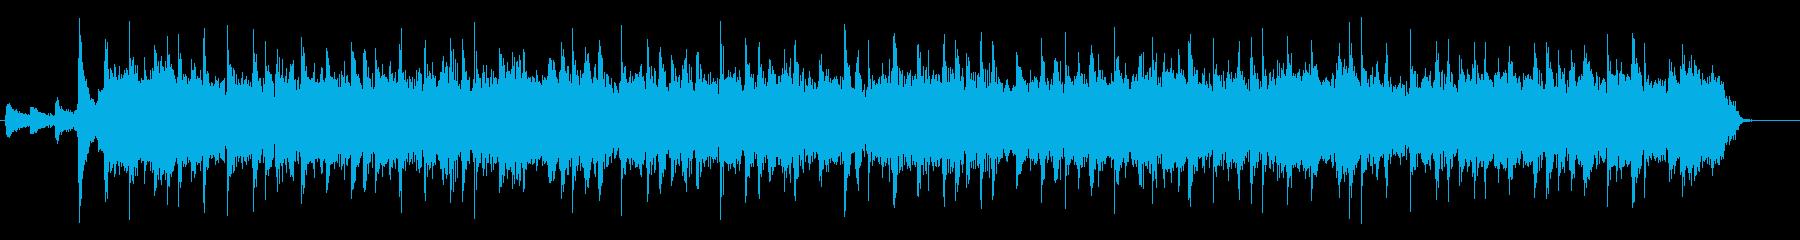 ハードロック#2リード無/オープニングの再生済みの波形